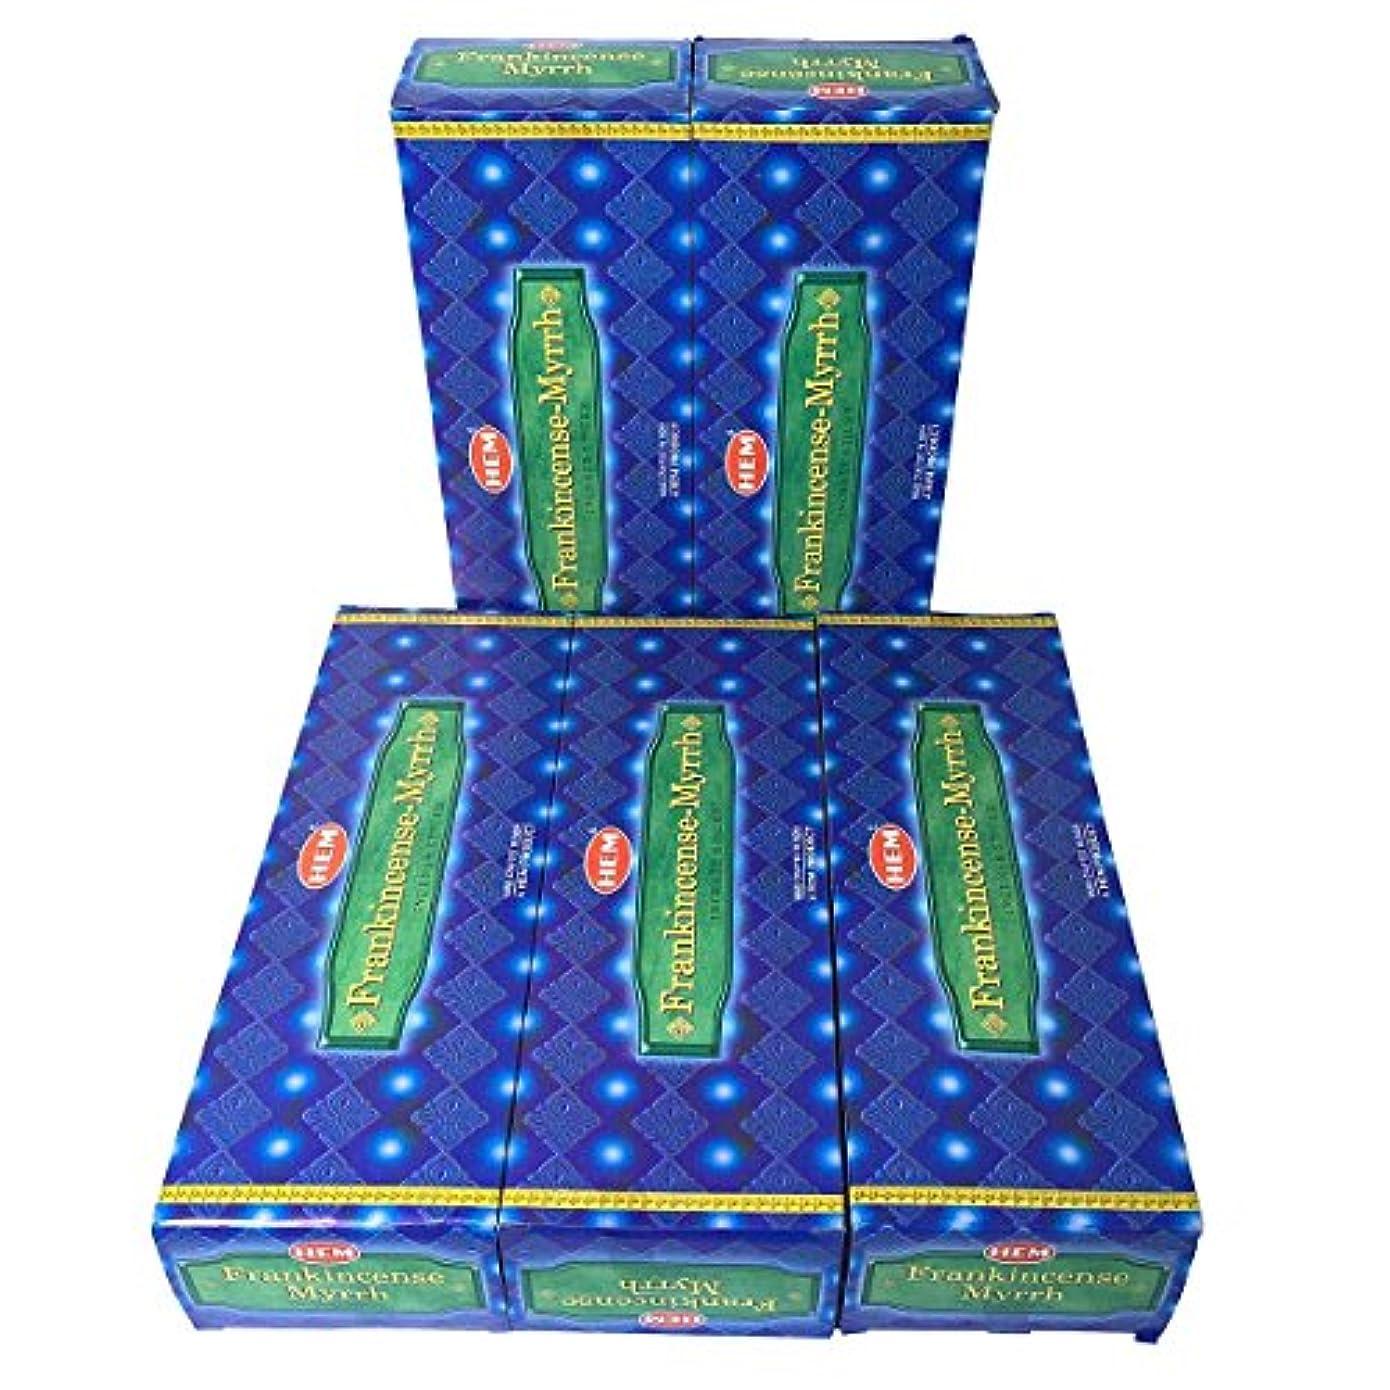 褐色飽和する電気陽性HEM フランキンセンス-ミルラ香 スティック 5BOX(30箱)/HEM FRANKINCENSE MYRRH/ インド香 / 送料無料 [並行輸入品]